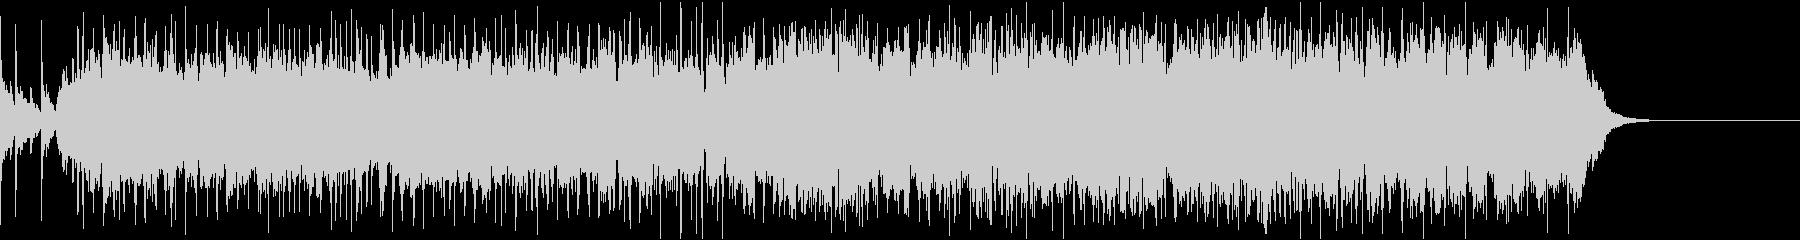 ハードなギターリフとドラムによるBGMの未再生の波形